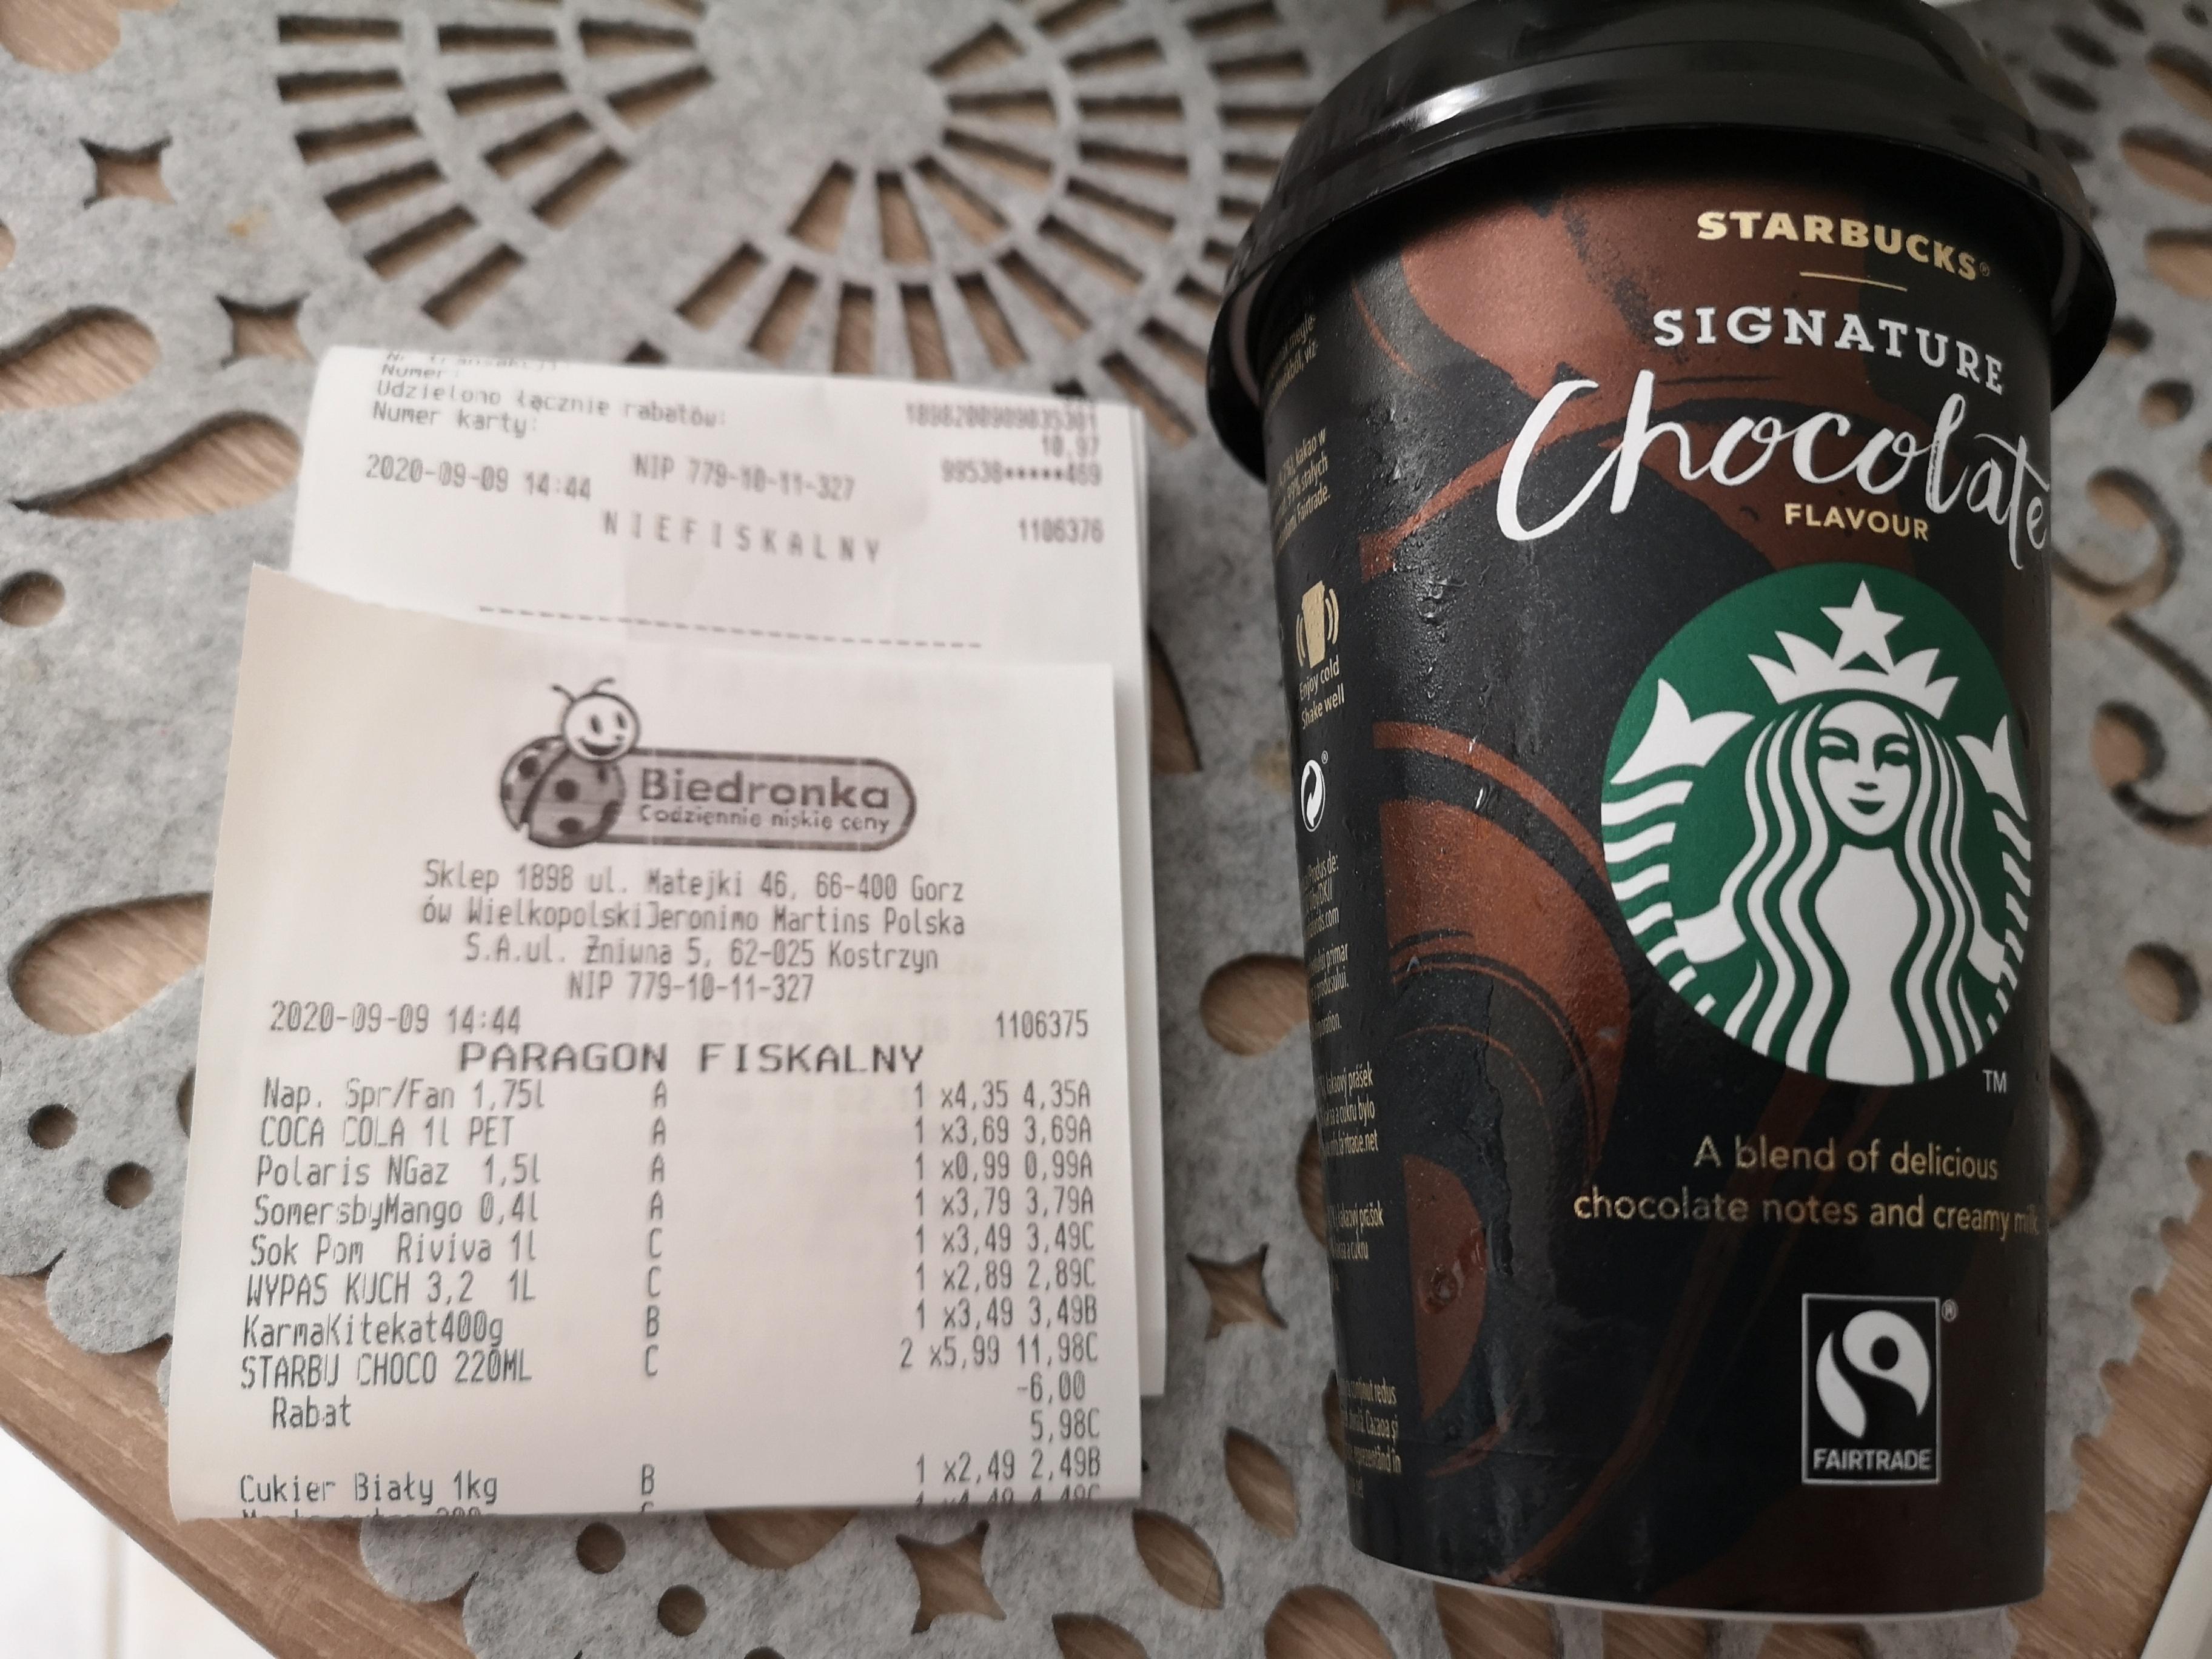 Starbucks Signature Chocolate 220 ml - mleczny napój o smaku kakaowym